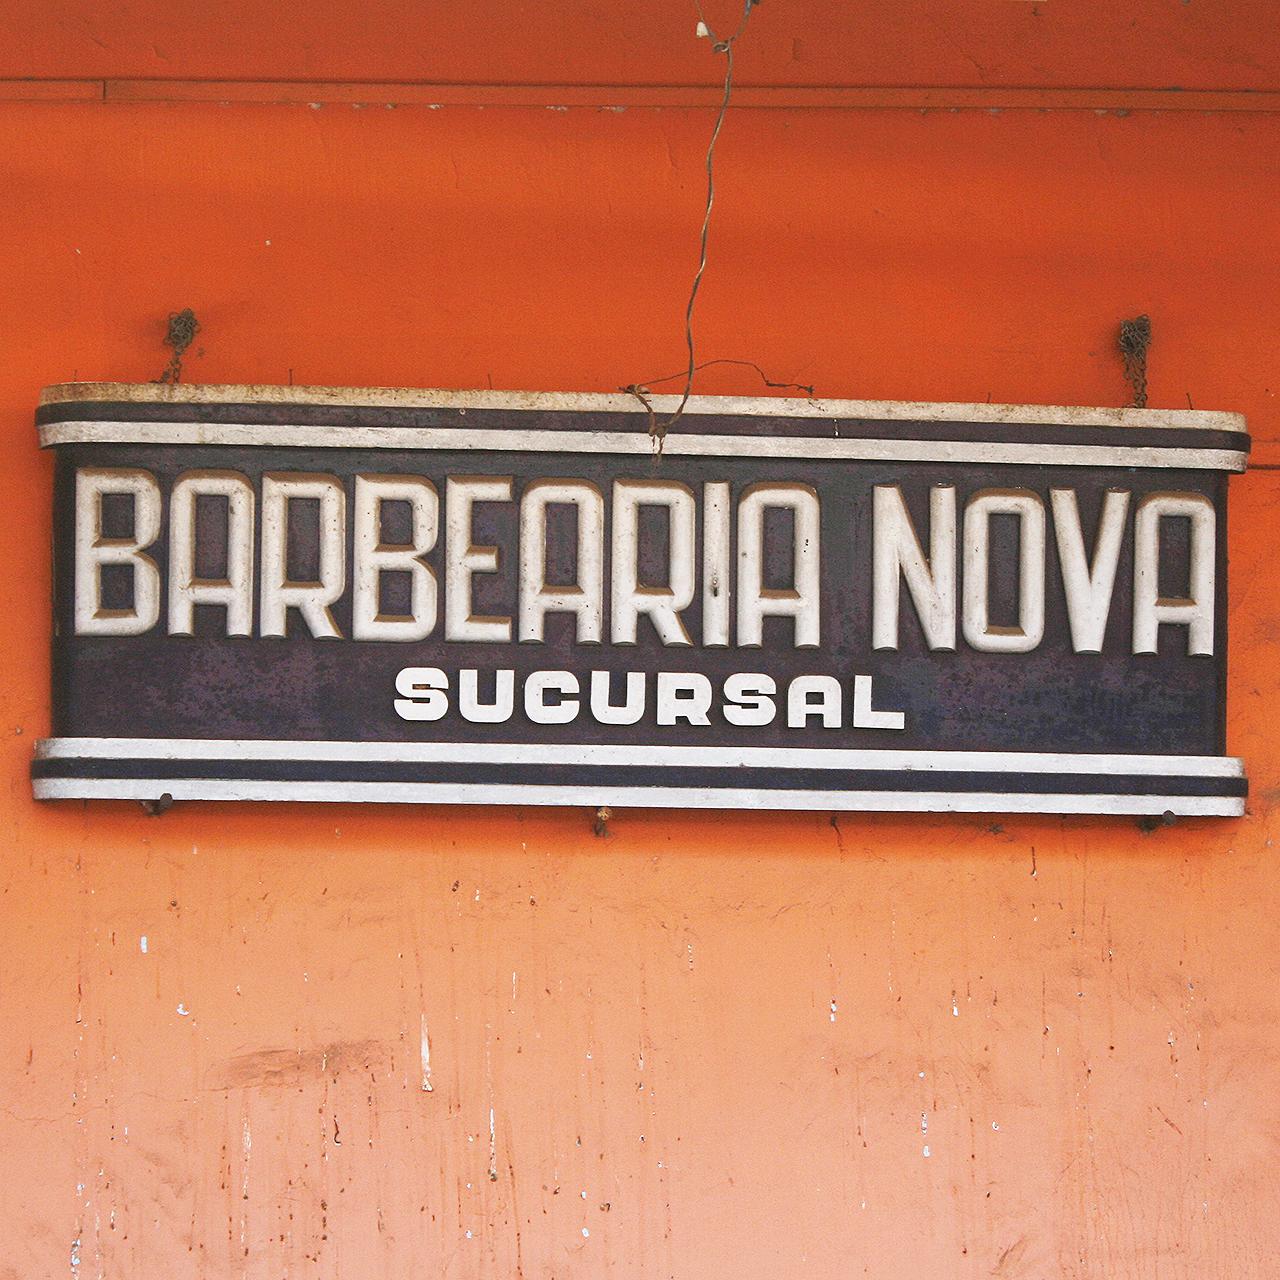 Barbearia Nova Sucursal